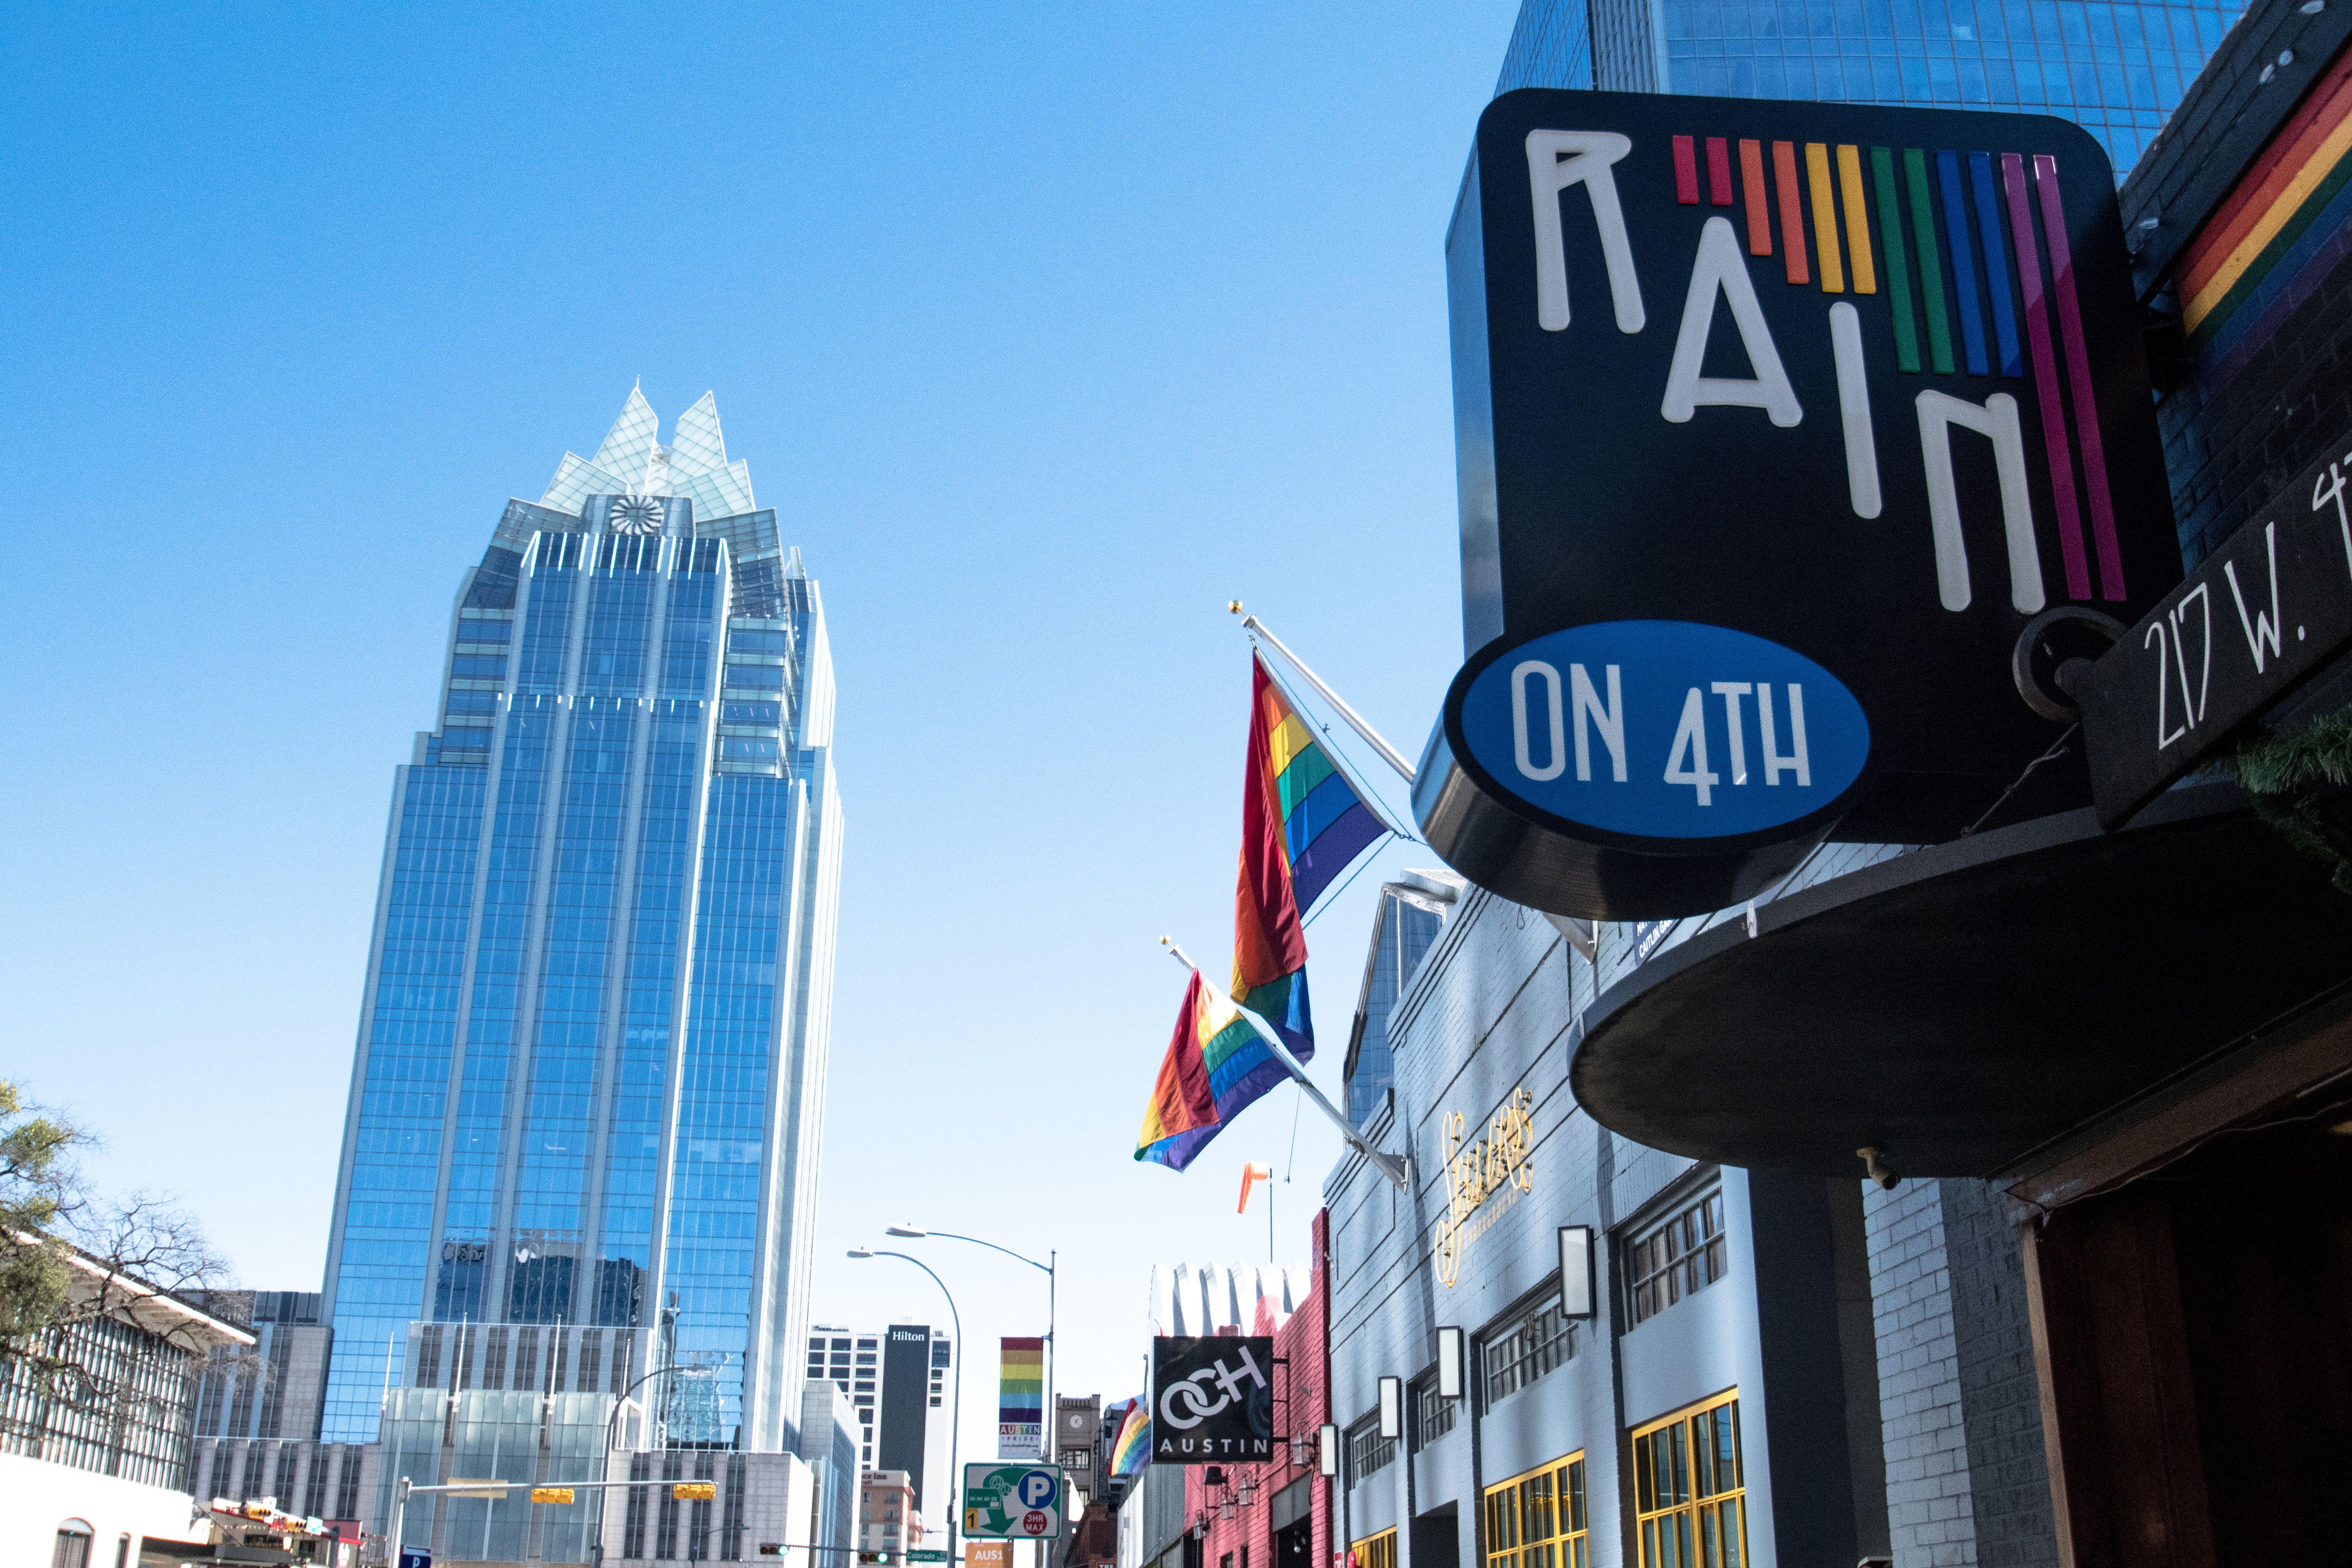 Vista de edificios y banderas del arcoíris en el distrito de almacenes